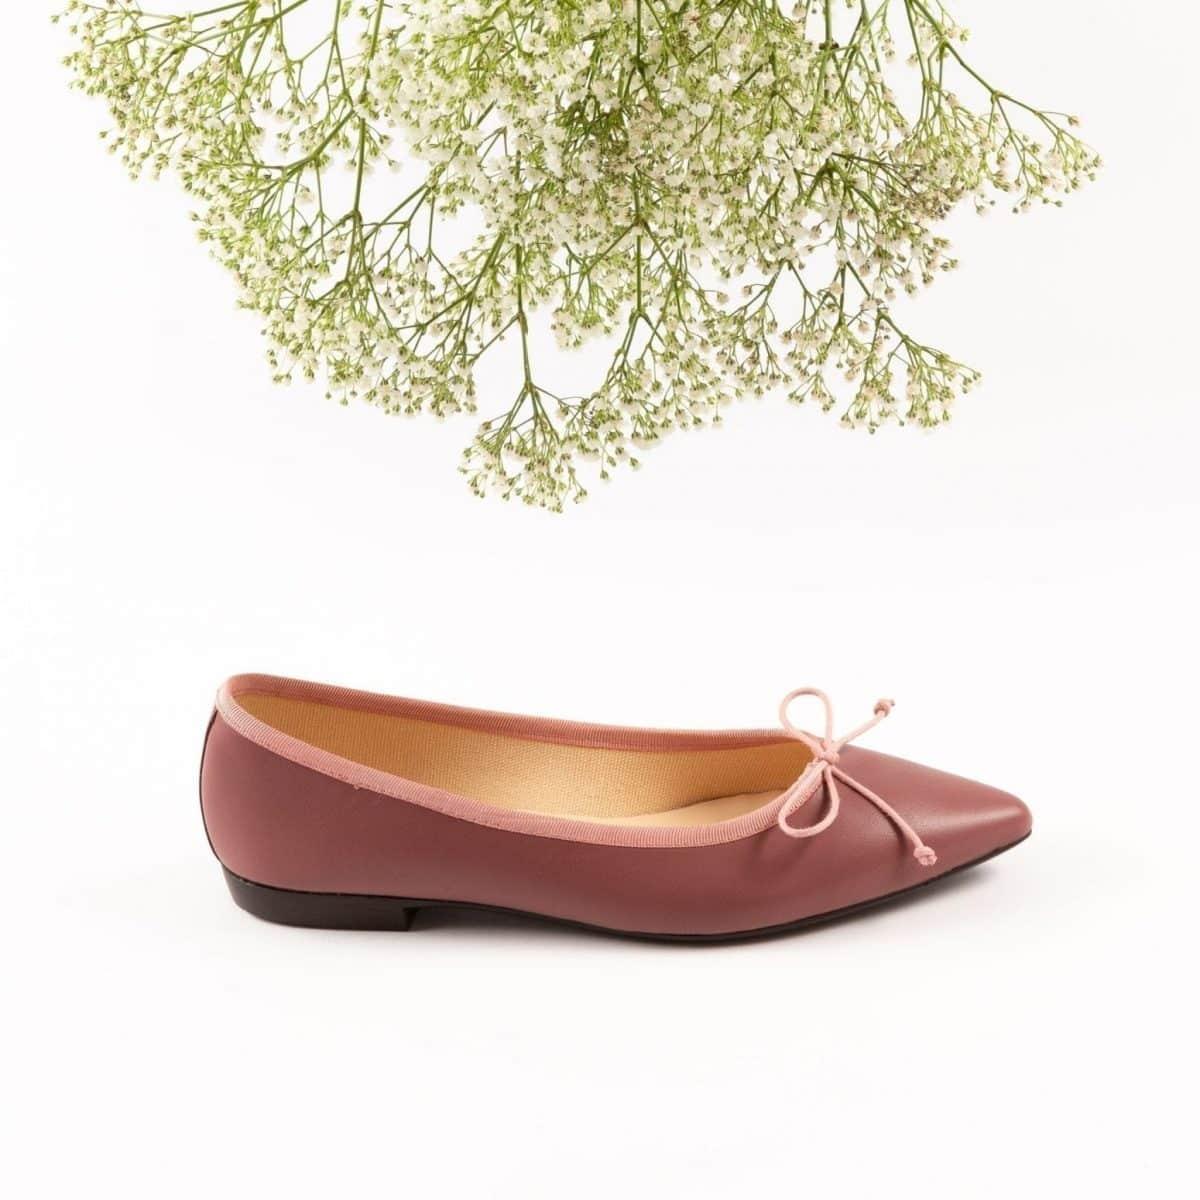 a6567feae8f El mundo de la moda ha caído en el encanto de las bailarinas clásicas. Su  calzado se ha dejado ver reinterpretado por numerosos diseñadores esta  temporada.